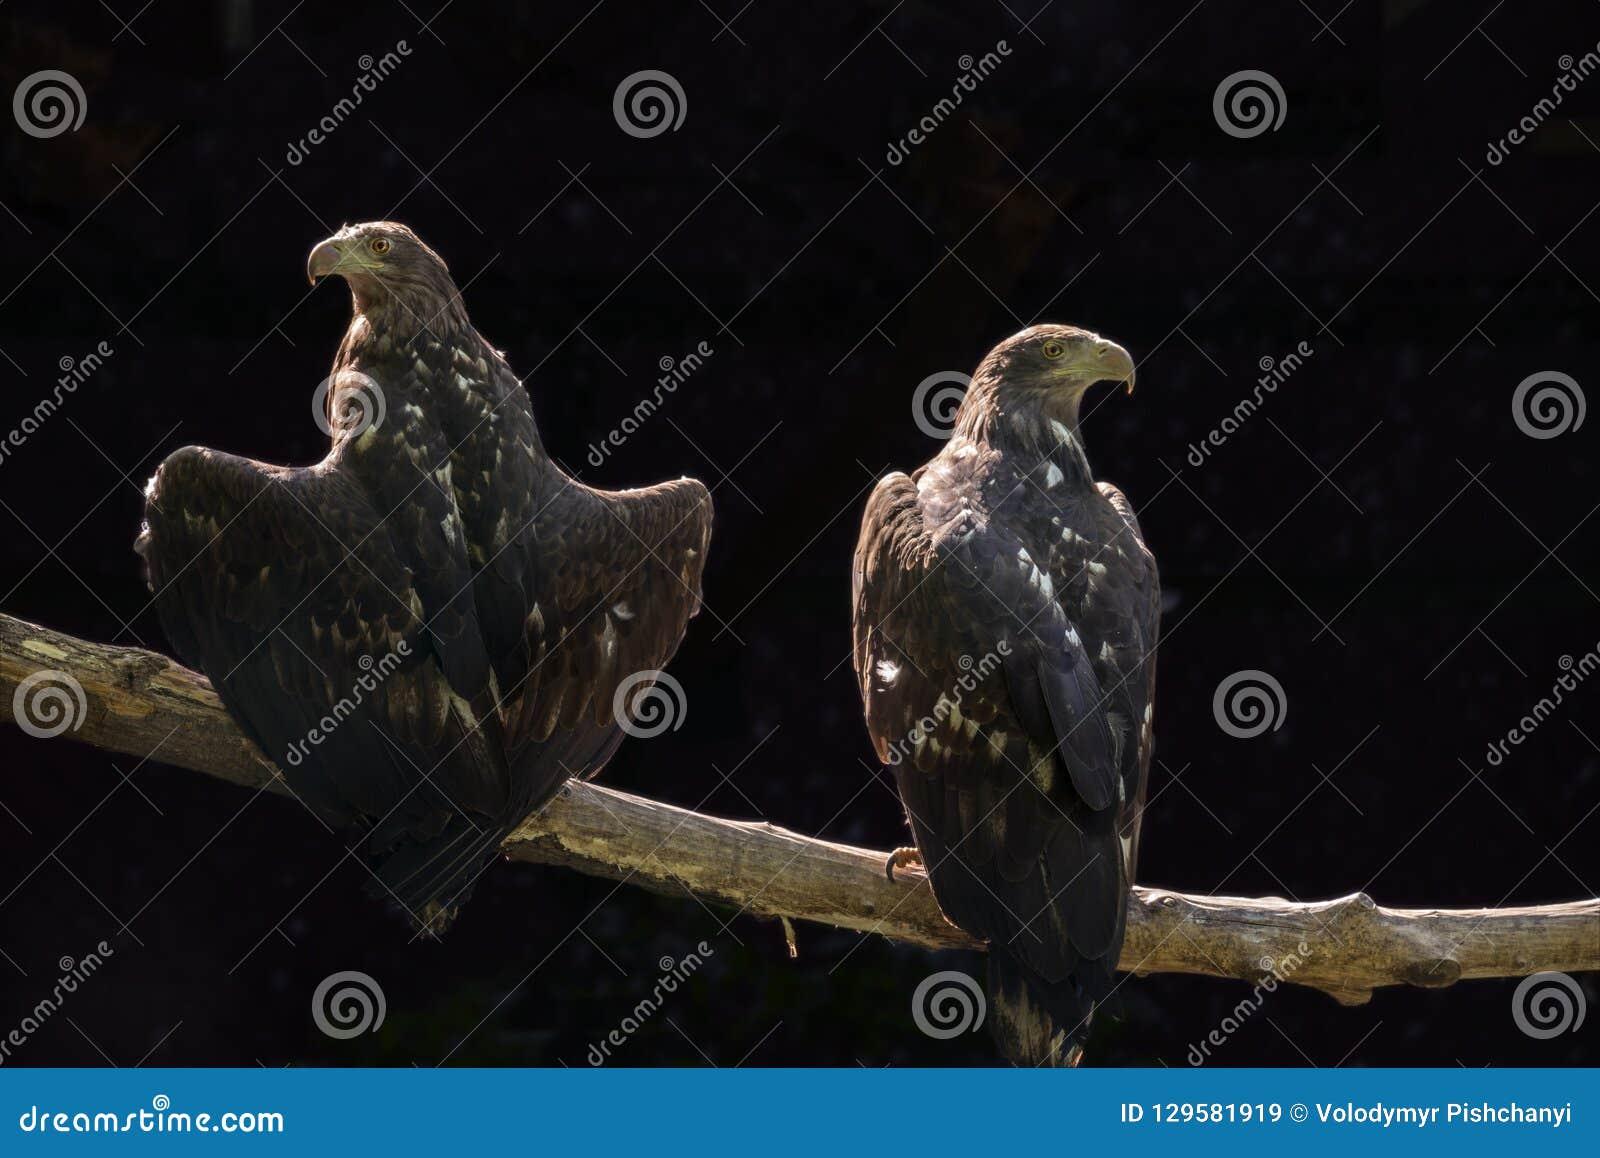 Twee adelaars zitten op een boomtak op een donkere achtergrond